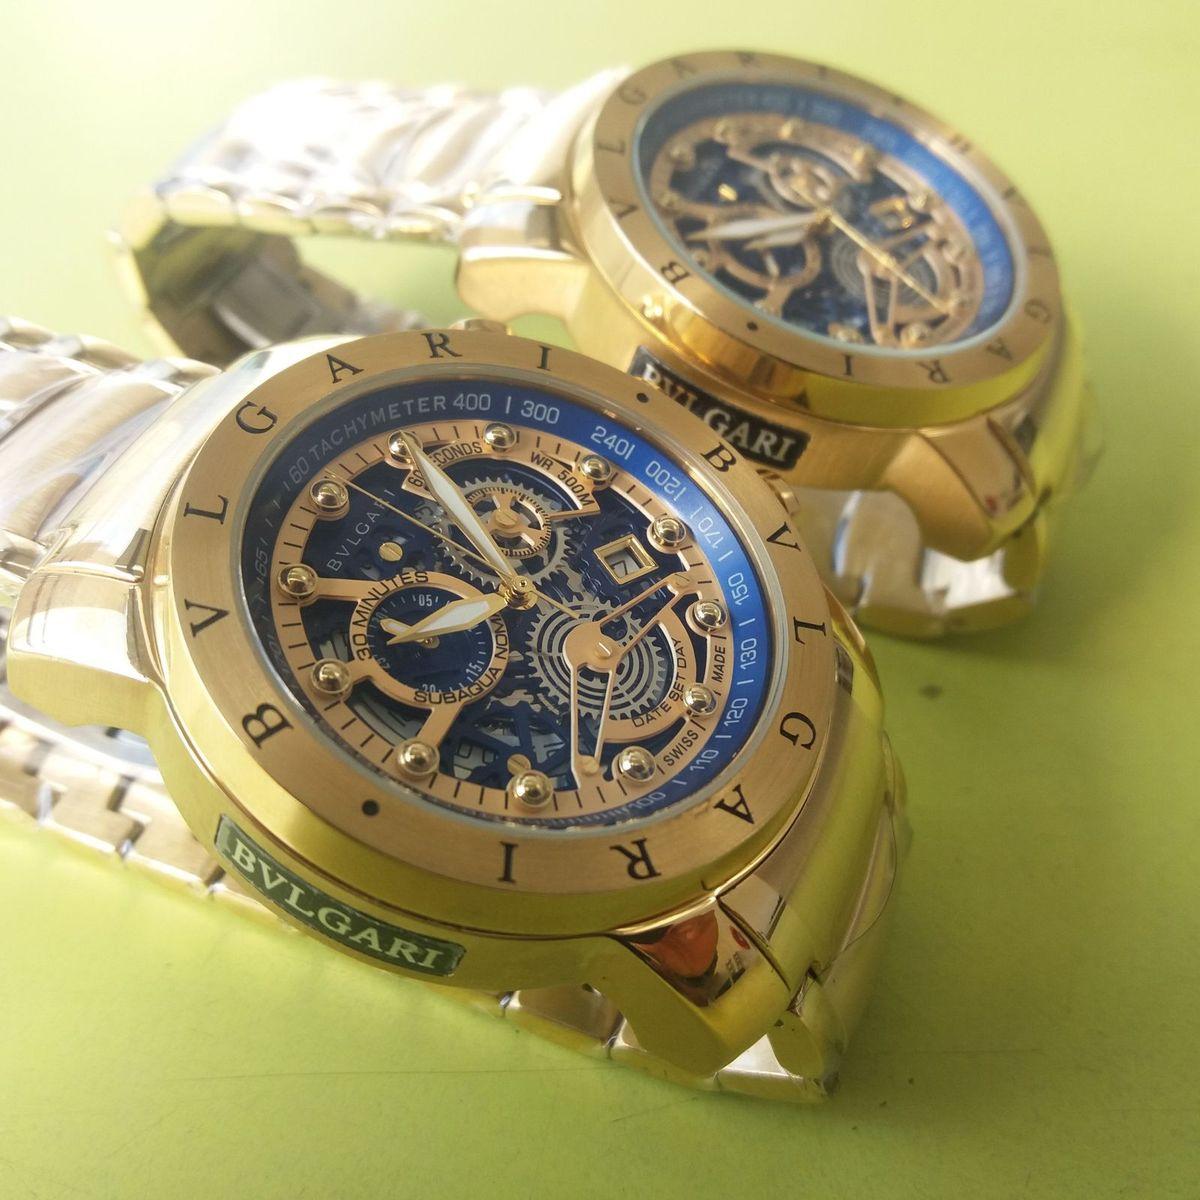 48a5ea6a369 Relógio Bvlgari Esqueleto Bateria